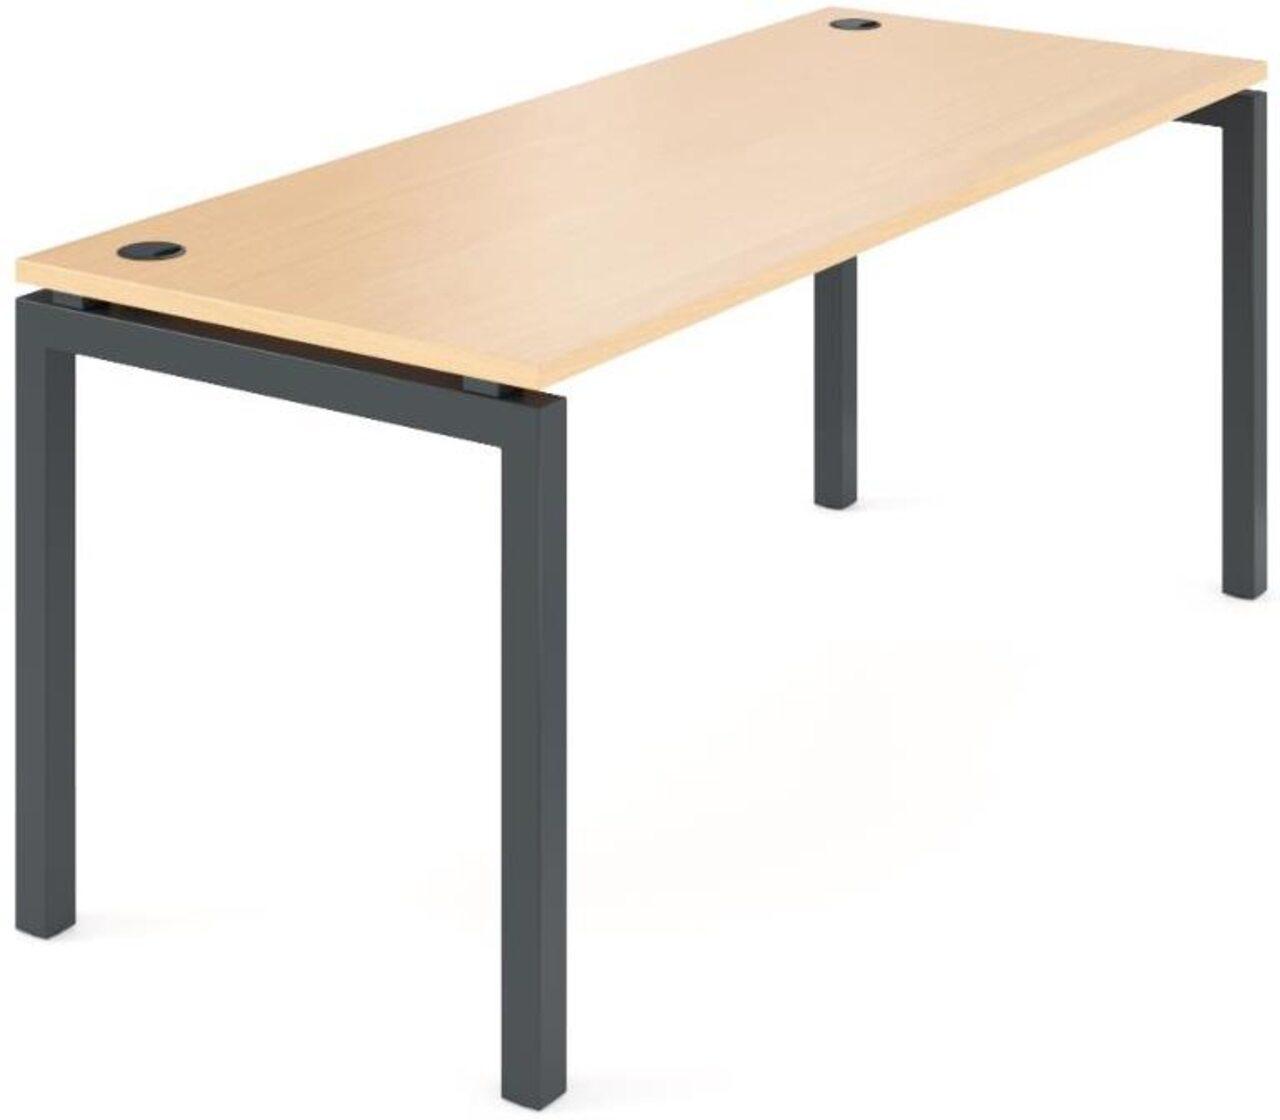 Стол рабочий на металлокаркасе  Арго 180x73x76 - фото 7